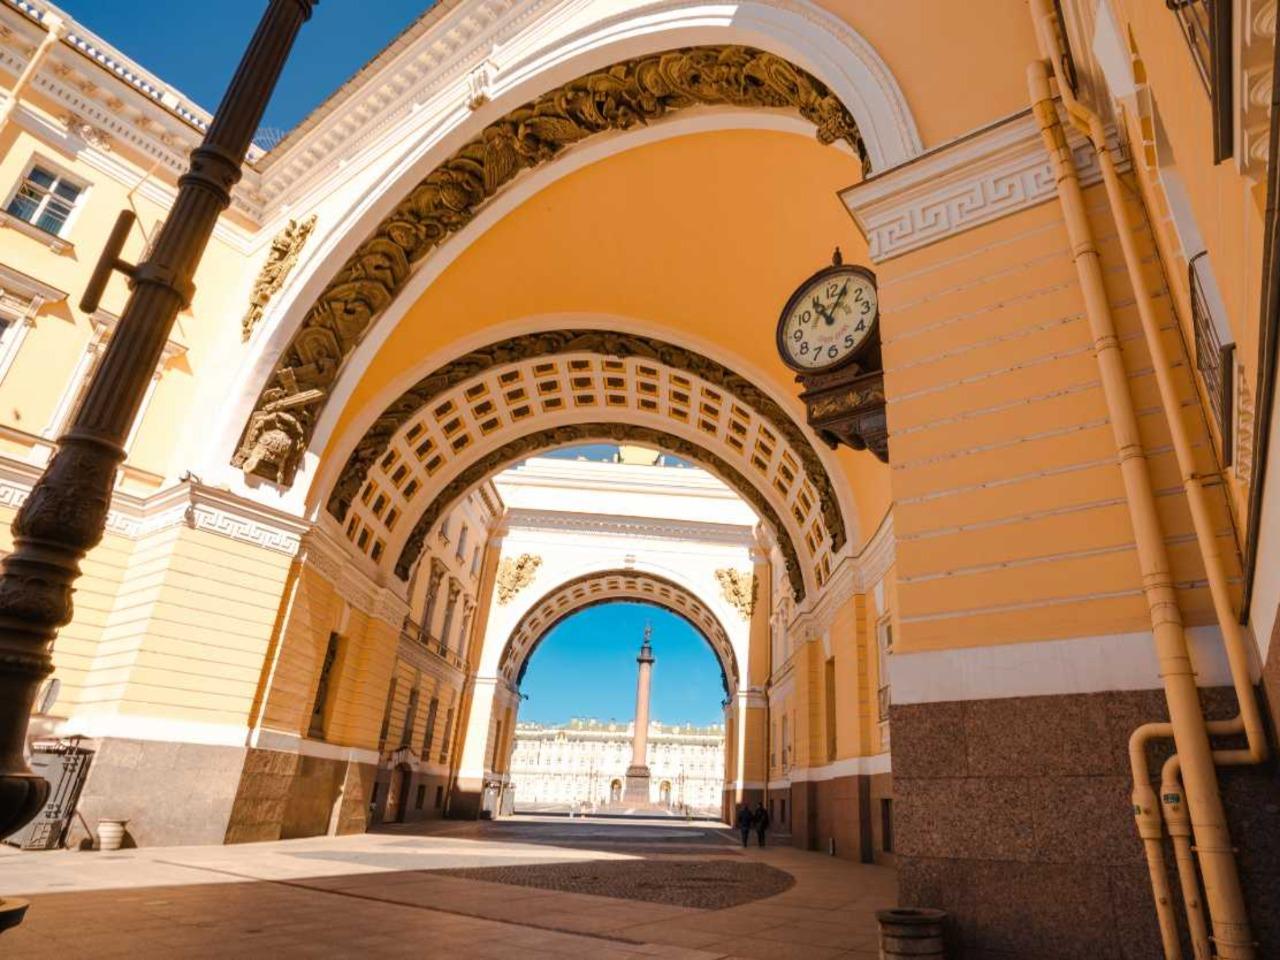 Обзорная прогулка по Питеру с визитом в Эрмитаж - групповая экскурсия по Санкт-Петербургу от опытного гида